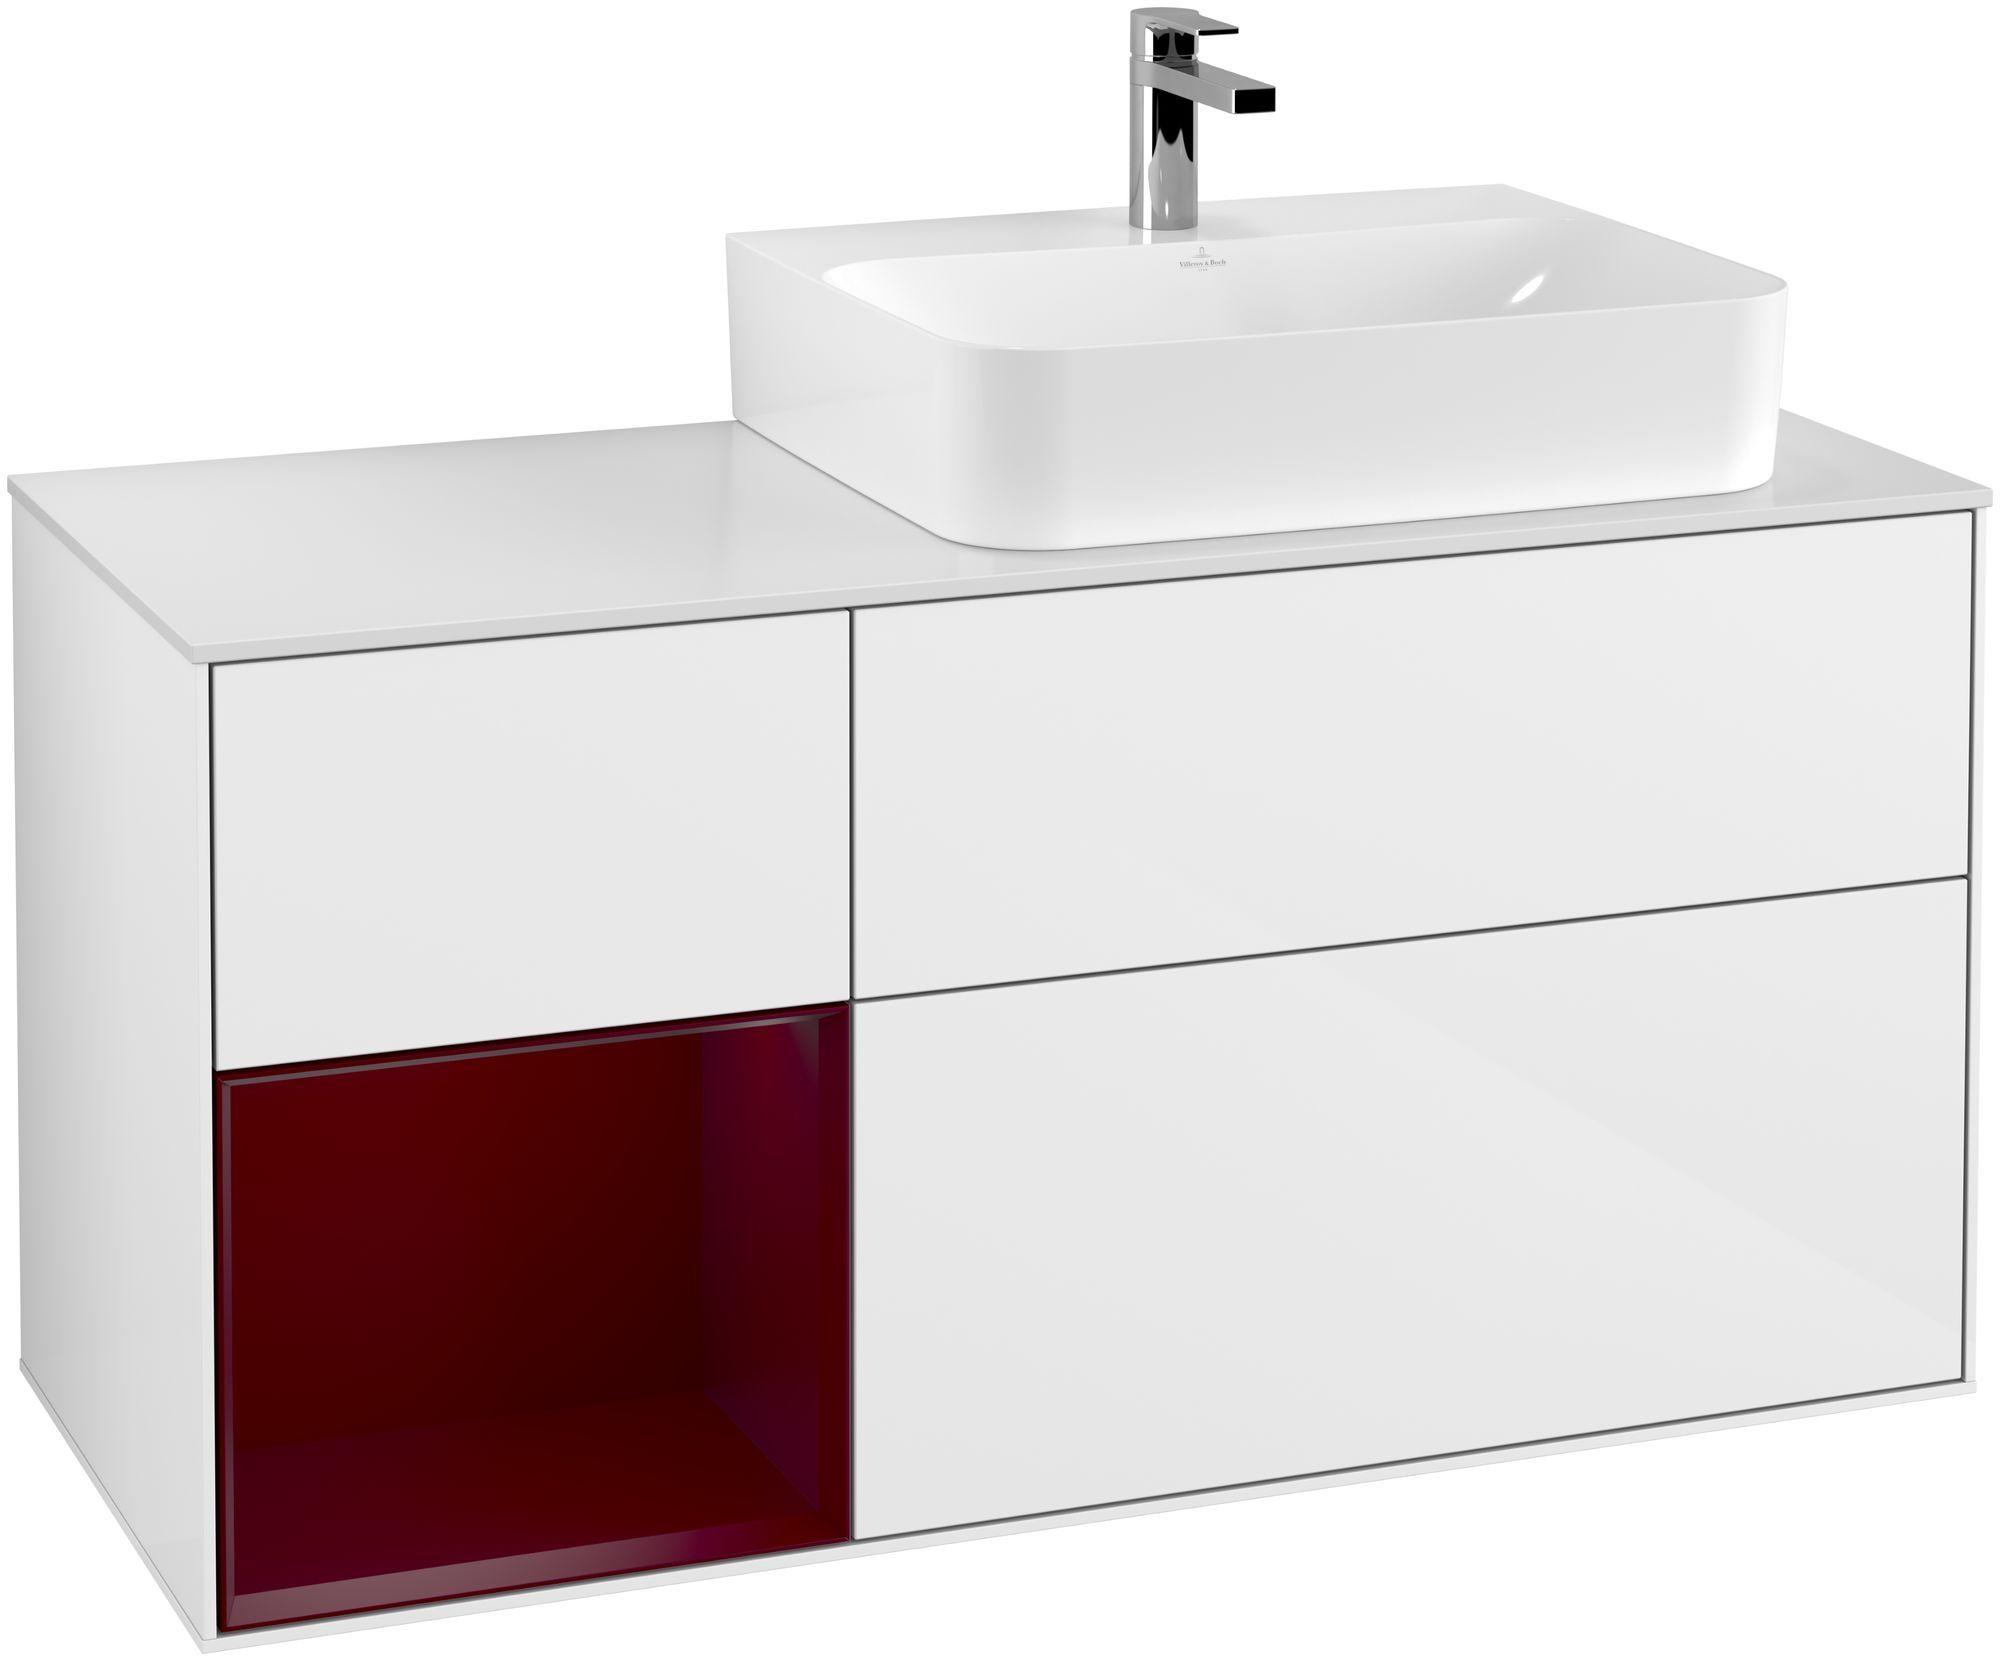 Villeroy & Boch Finion F14 Waschtischunterschrank mit Regalelement 3 Auszüge Waschtisch rechts LED-Beleuchtung B:120xH:60,3xT:50,1cm Front, Korpus: Glossy White Lack, Regal: Peony, Glasplatte: White Matt F141HBGF